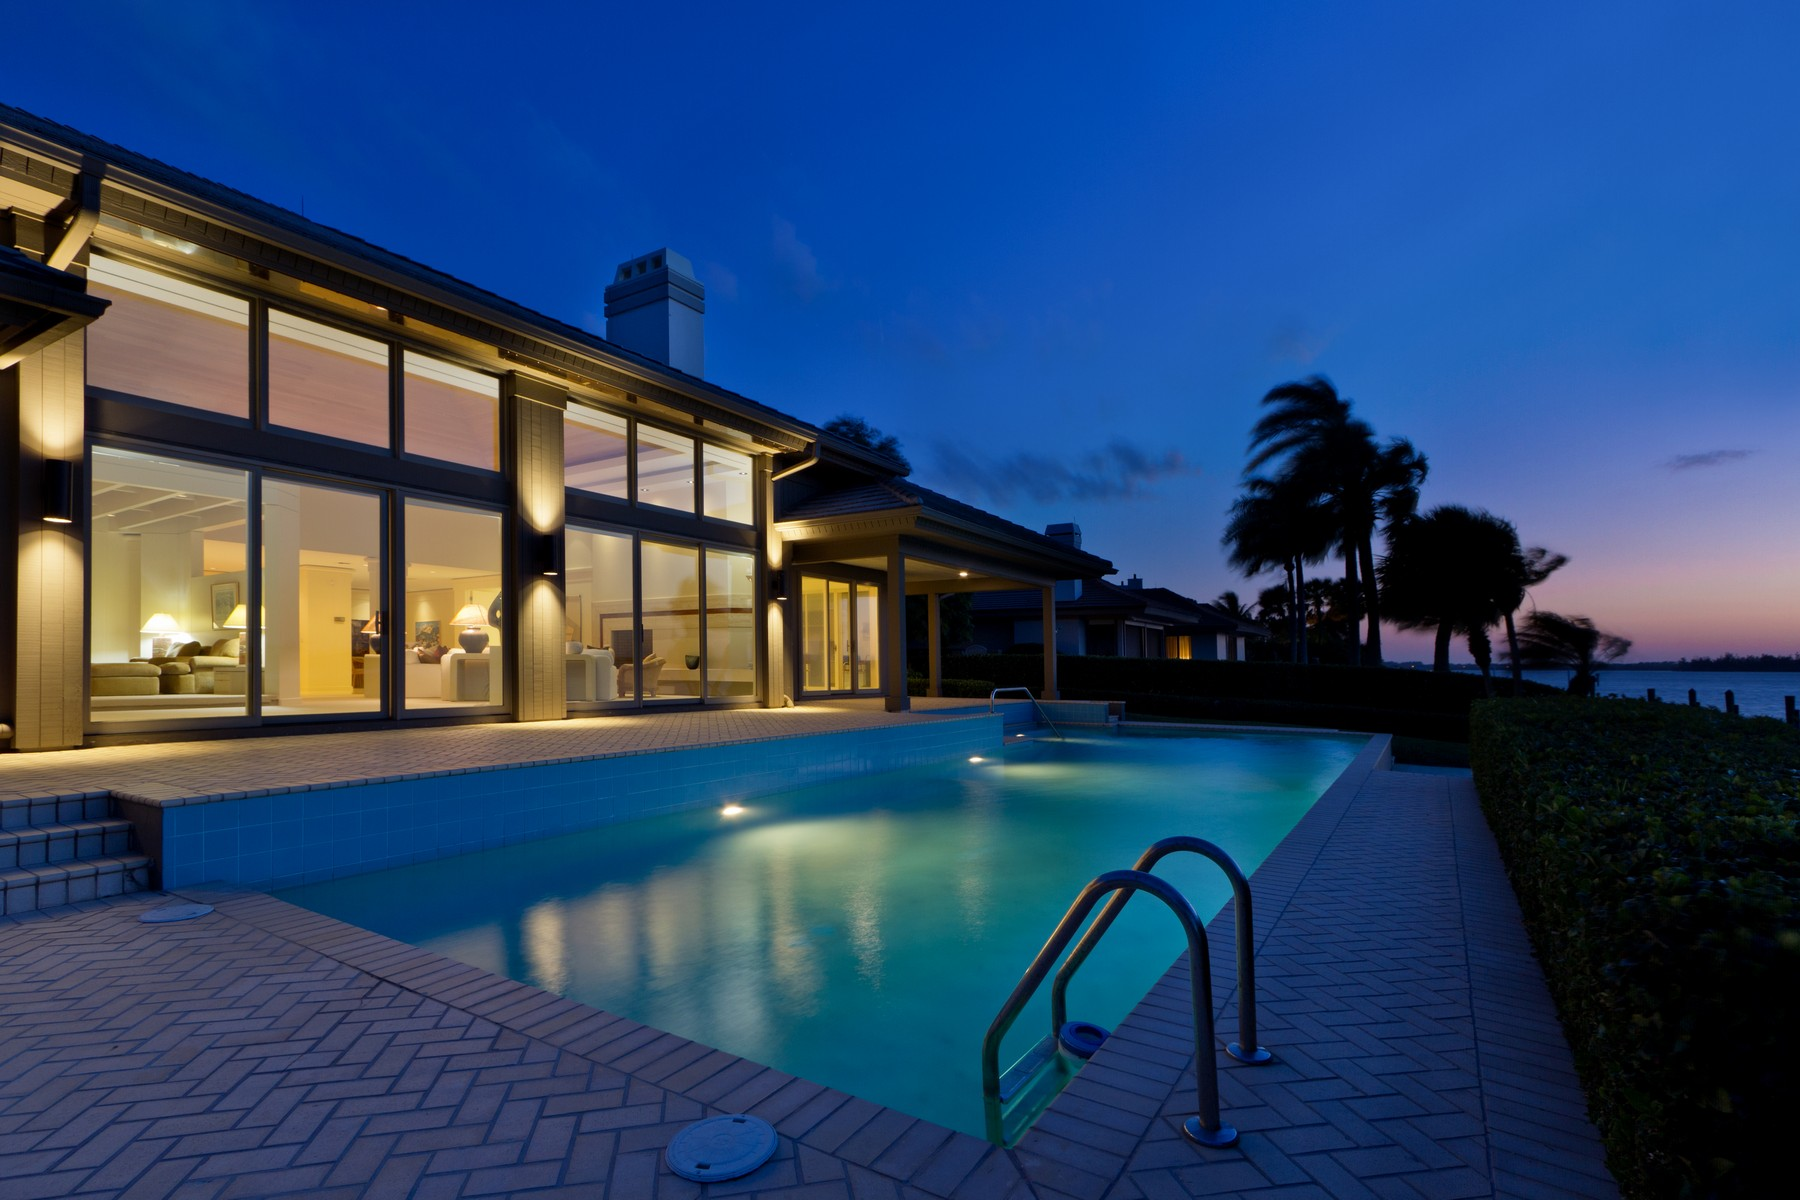 一戸建て のために 売買 アット One-of-a-Kind Timeless Waterfront Masterpiece! 153 Anchor Drive Vero Beach, フロリダ 32963 アメリカ合衆国